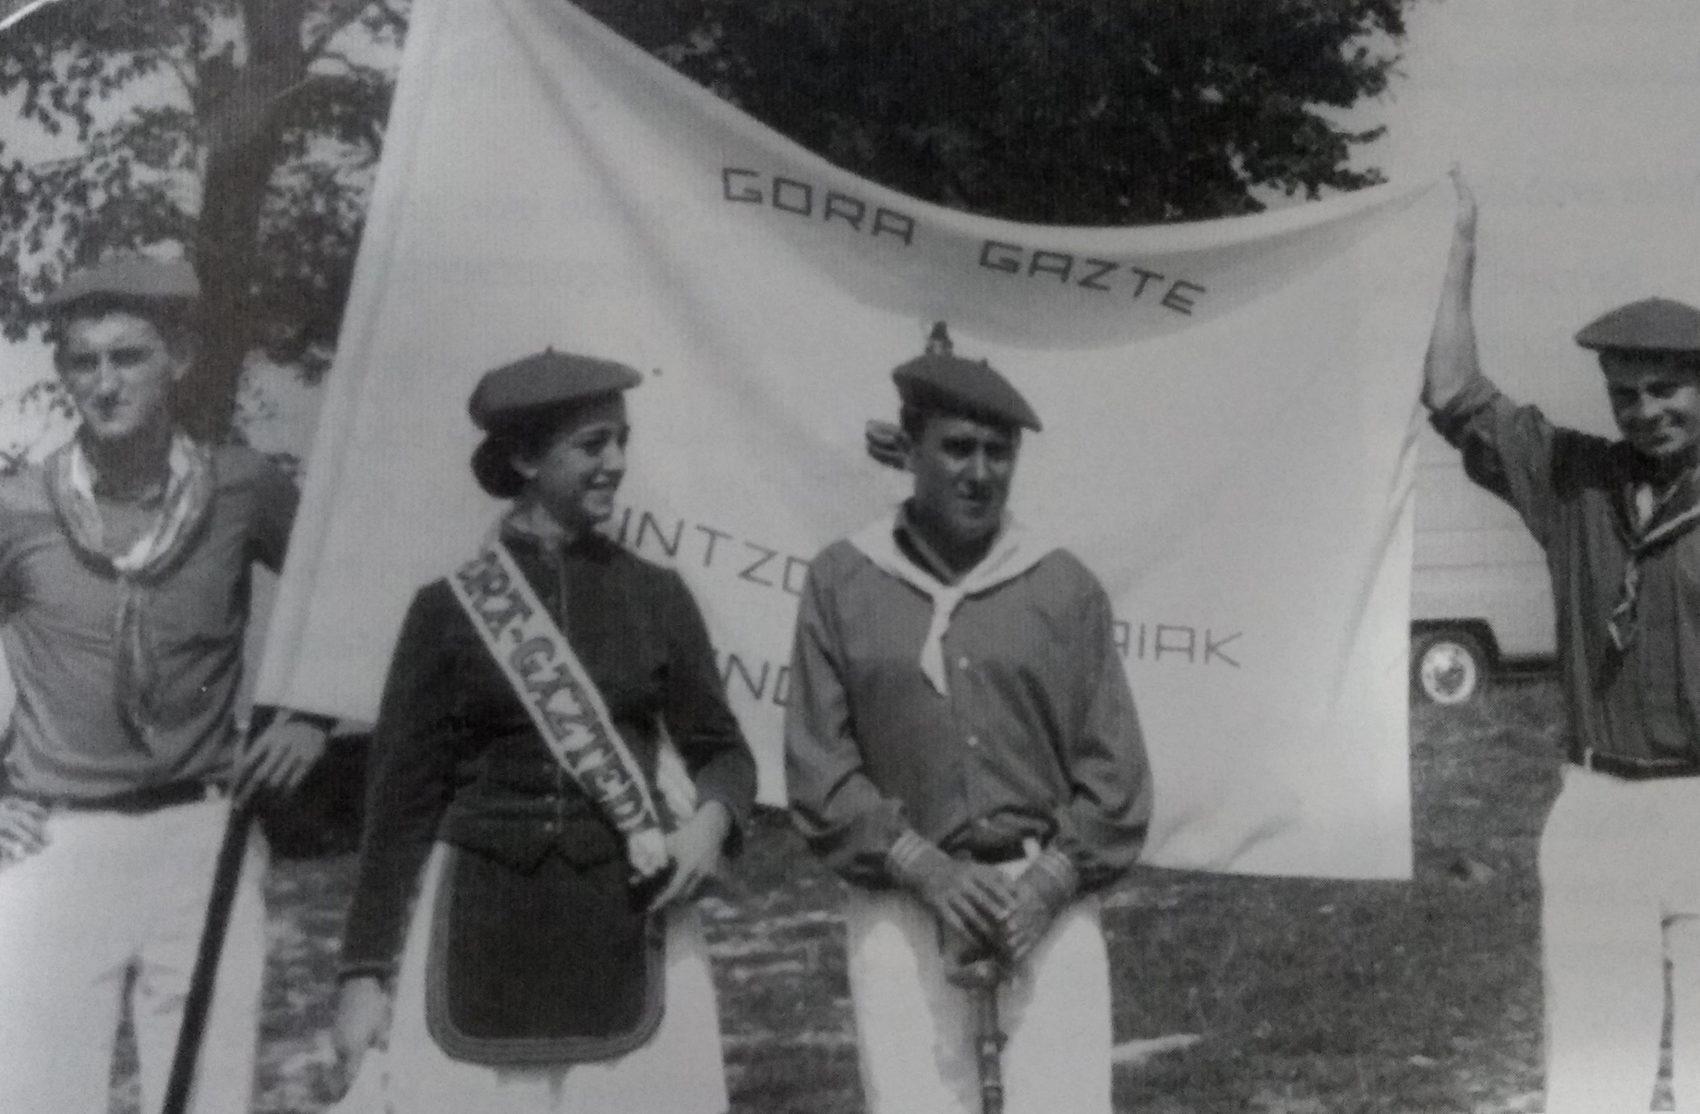 Anutxi Lazkanotegi kantinera eta Beñardo Virto kapitaina, bandera berria atera zen lehen urtean.